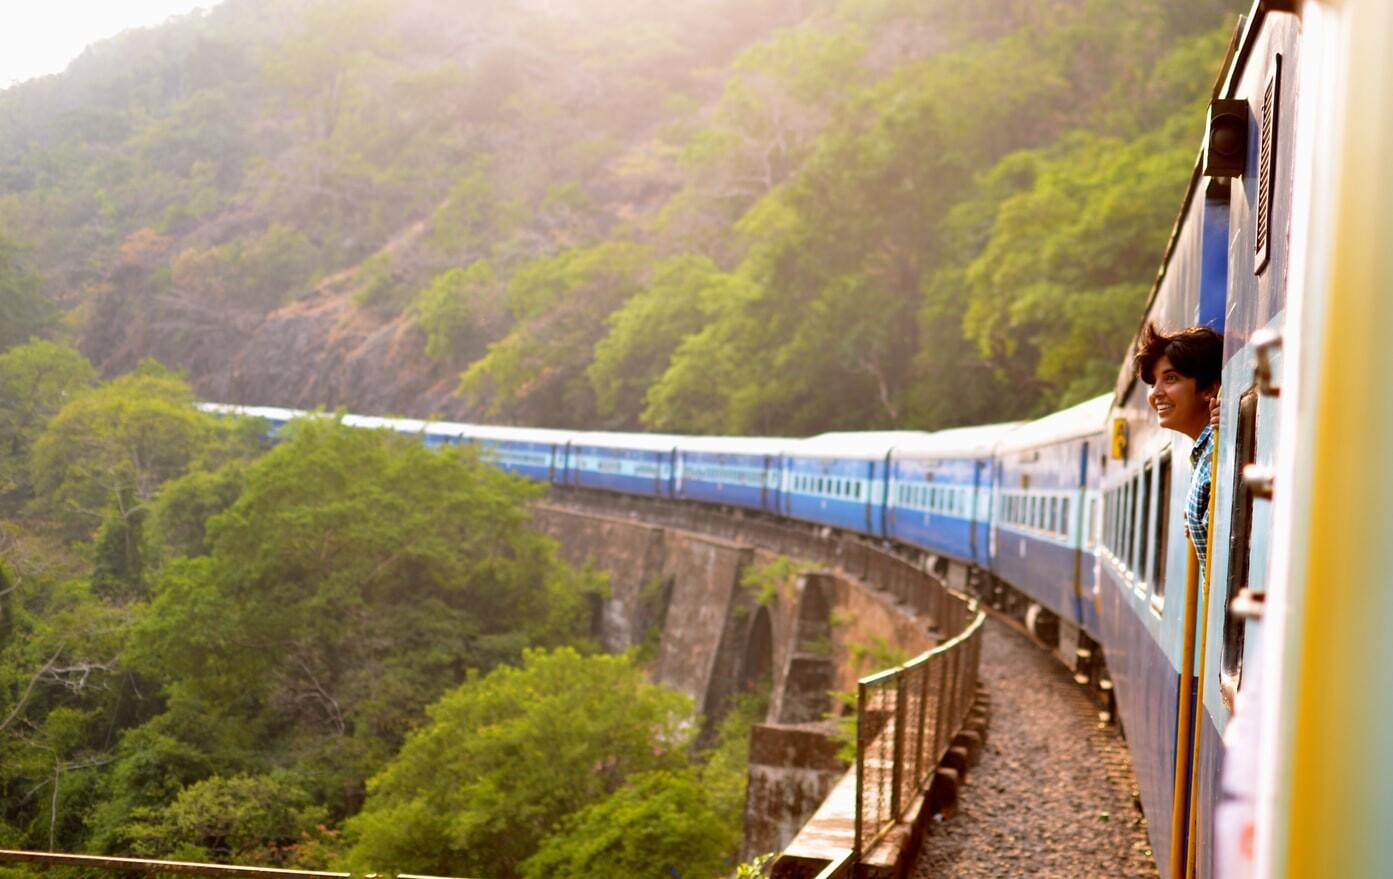 Come arrivare ad Atene - Arrivare ad Atene in treno, aereo, macchina, nave o autobus